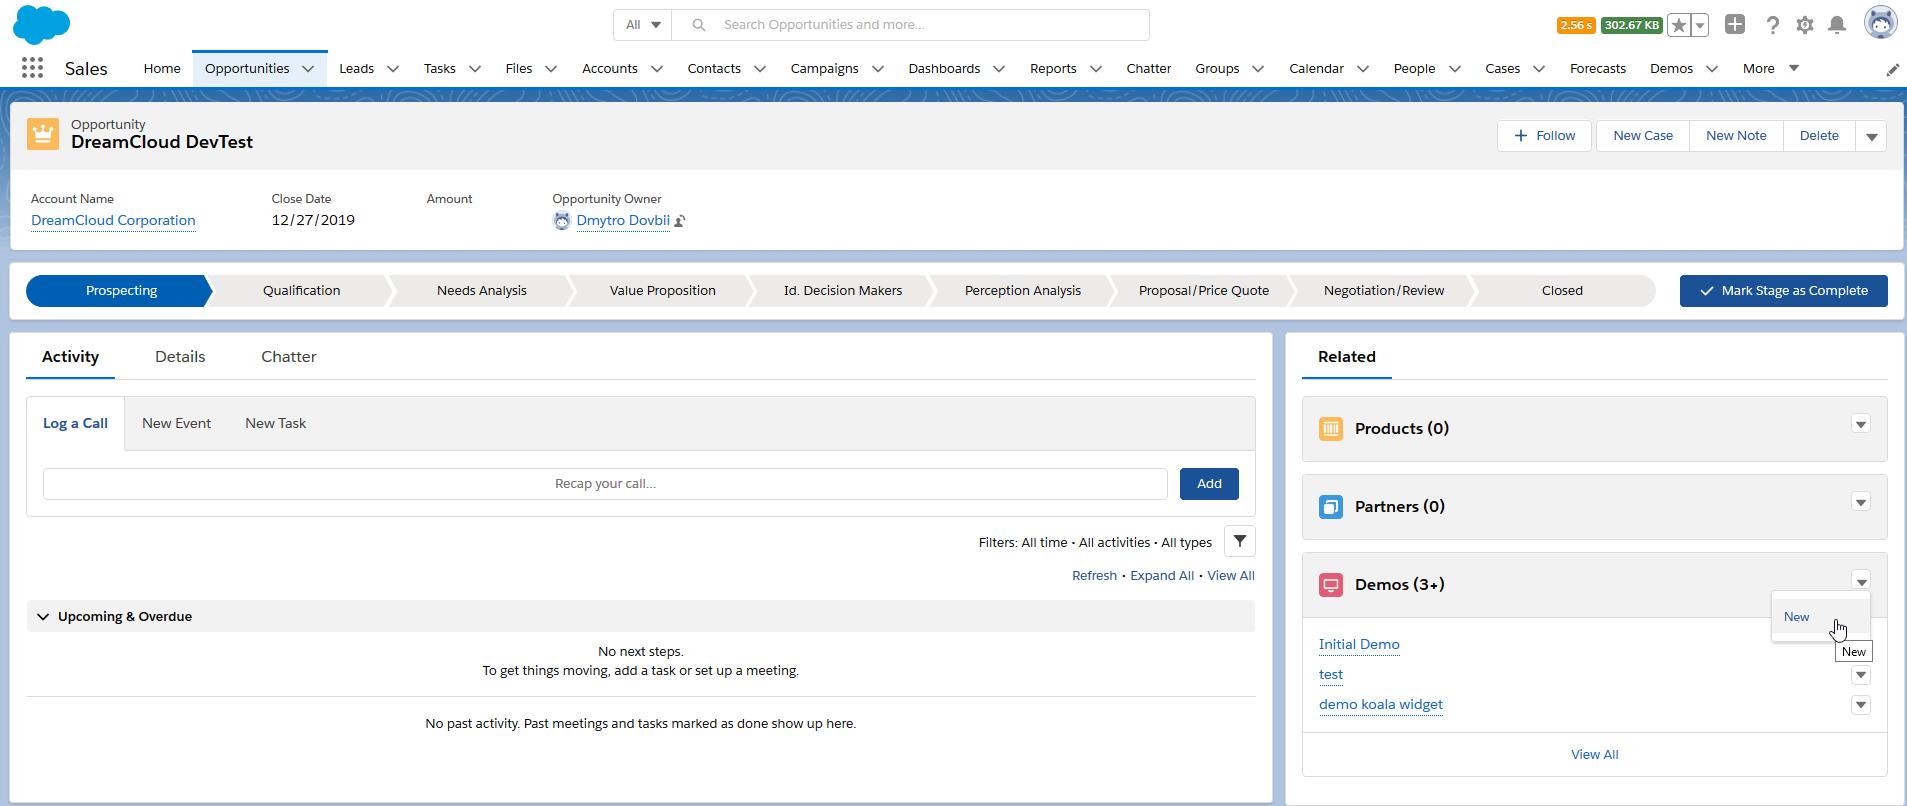 2020-03-13 16_12_07-DreamCloud DevTest _ Salesforce